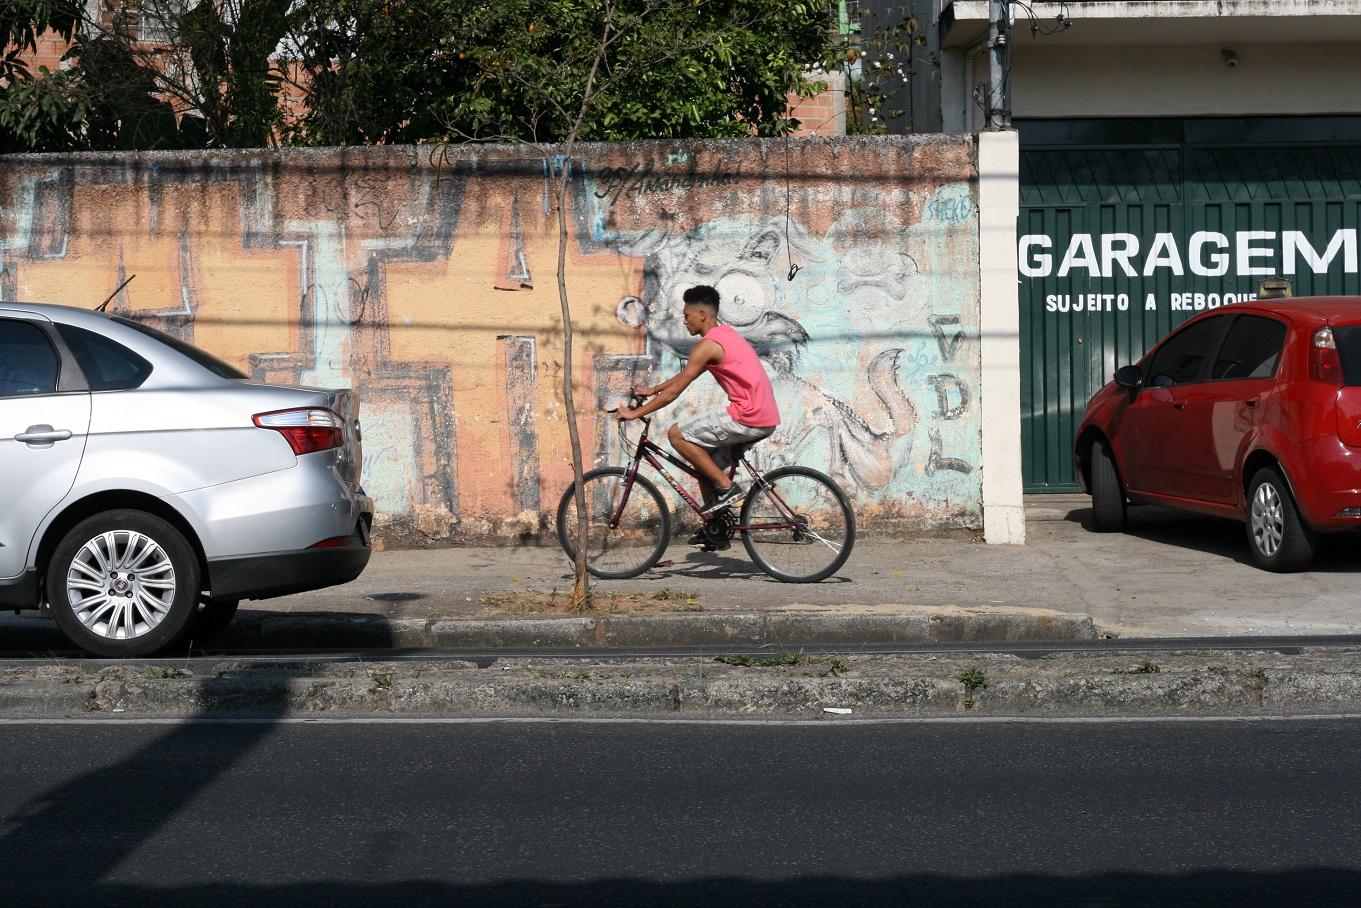 As pesquisas indicam que 40,3% dos usuários de bicicleta no Brasil têm renda entre um a dois salários mínimos. Foto Bruna Caldeira